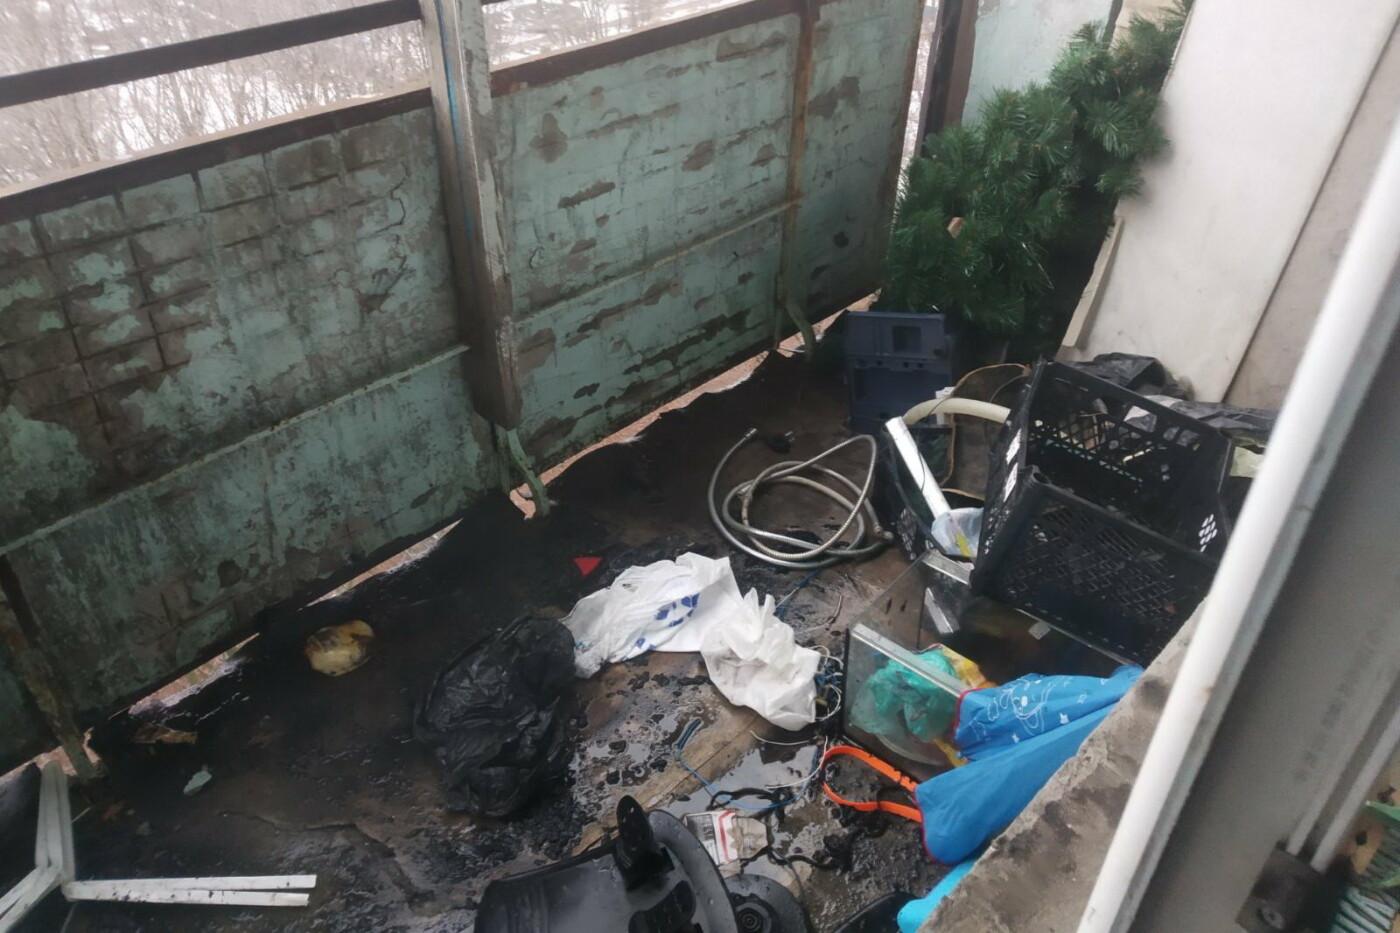 Хаотично пытался потушить огонь: в Харькове пожарные спасли мужчину из горящей квартиры, - ФОТО, фото-3